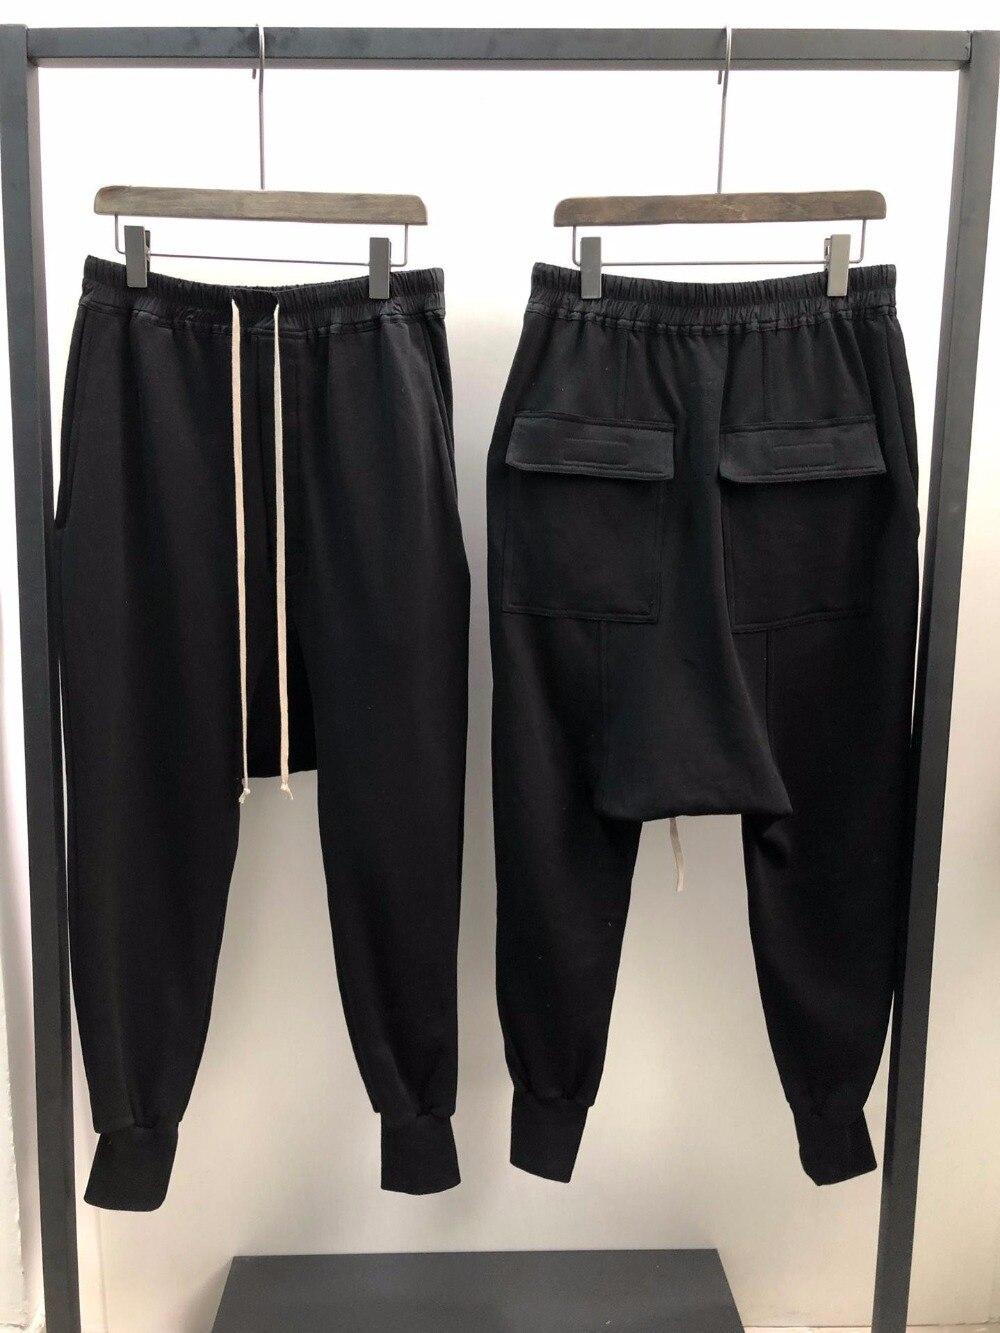 Owen Seak Men Casual Hallen Pants 100% Cotton Gothic Men's Clothing Sweatpants Spring Women Solid Loose Pants Size XL